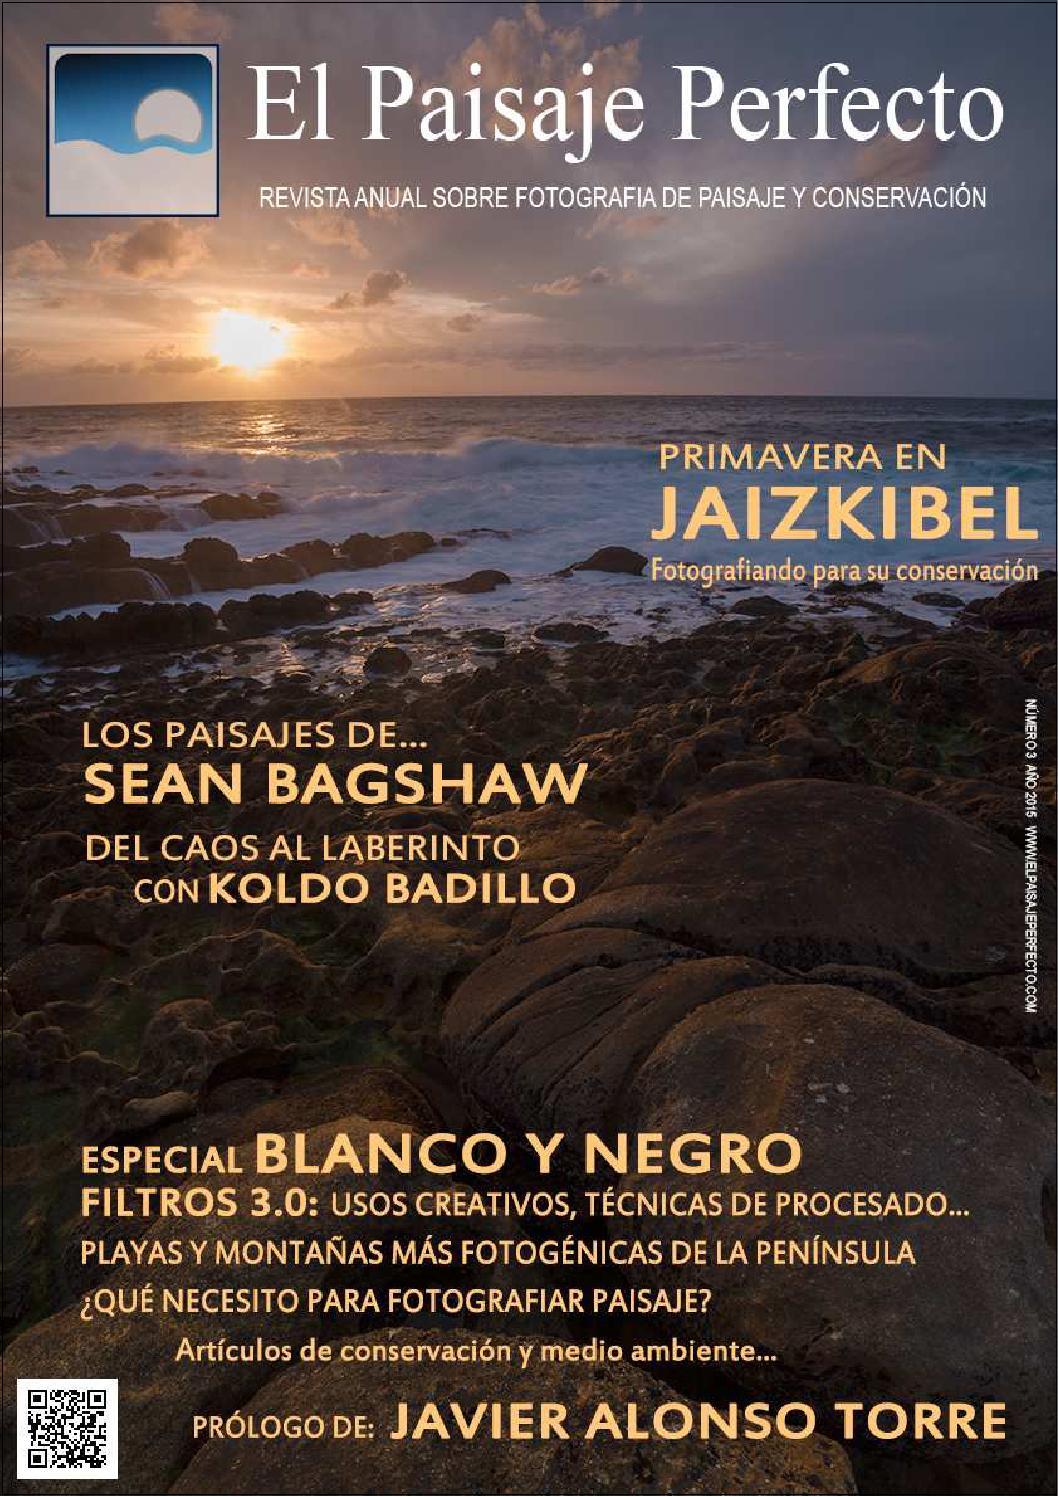 Revista el paisaje perfecto #3 by Pablo Sánchez Sánchez - issuu